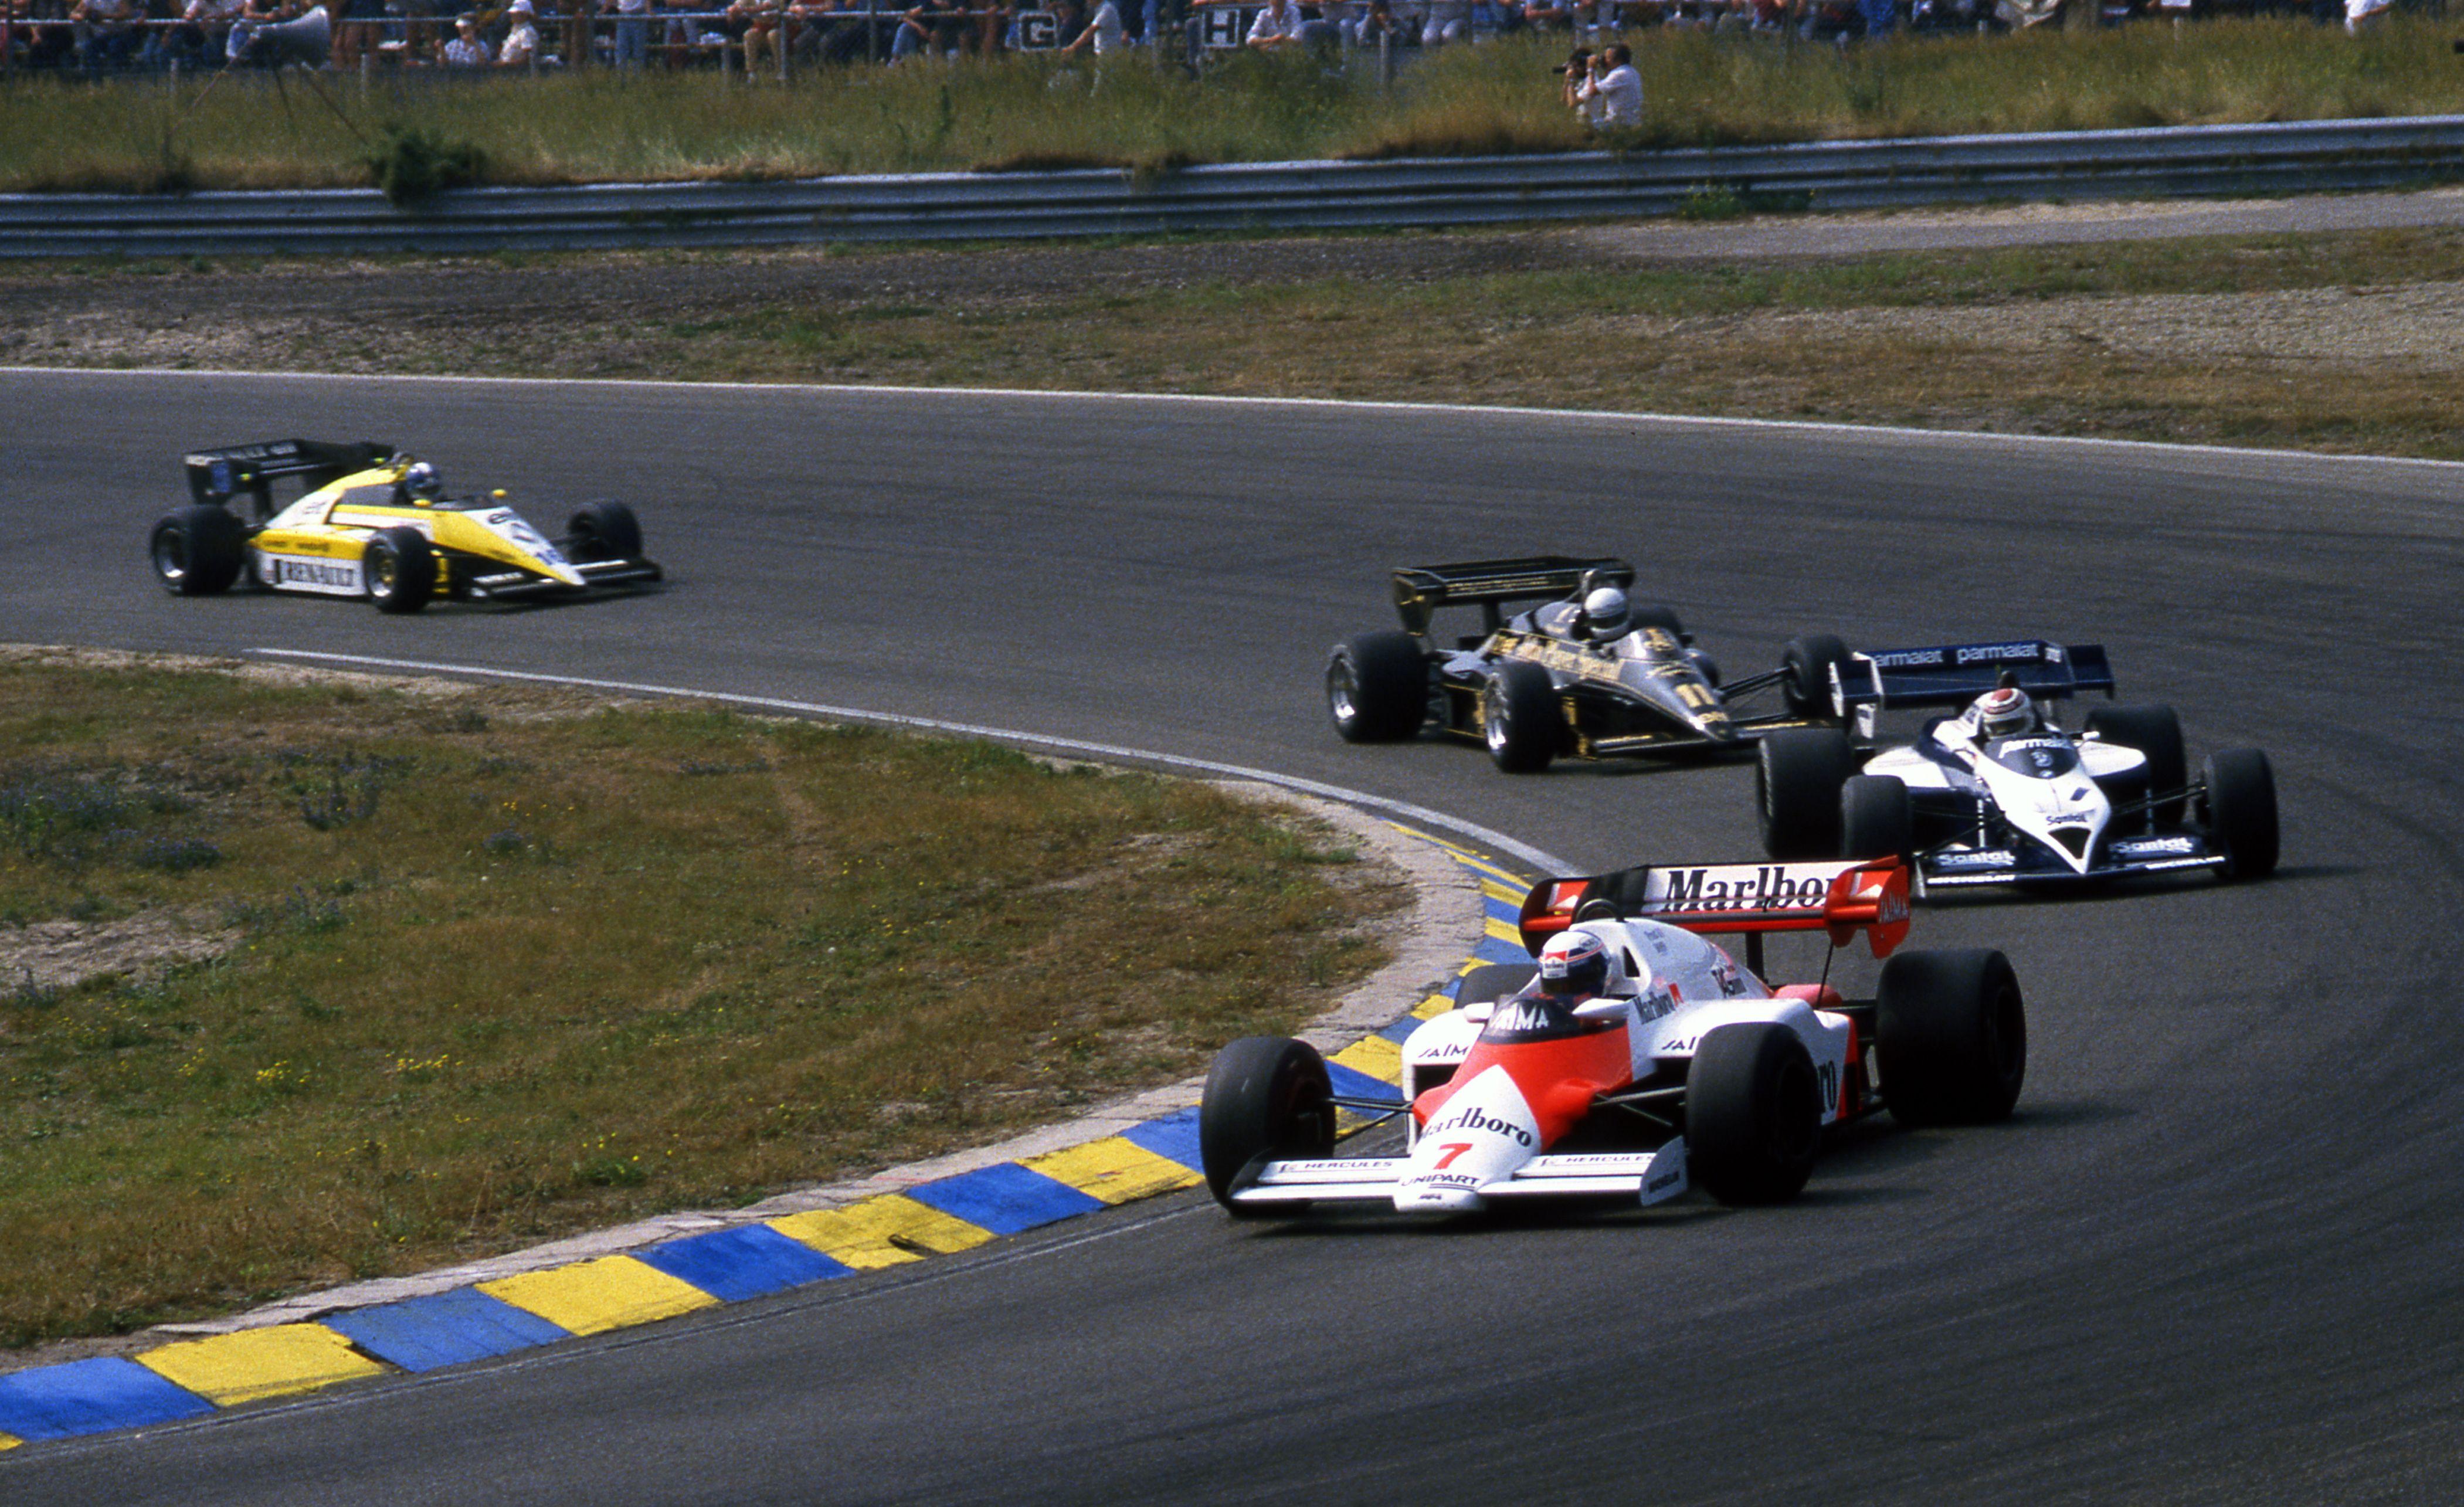 2021 Dutch Grand Prix: Stat Preview